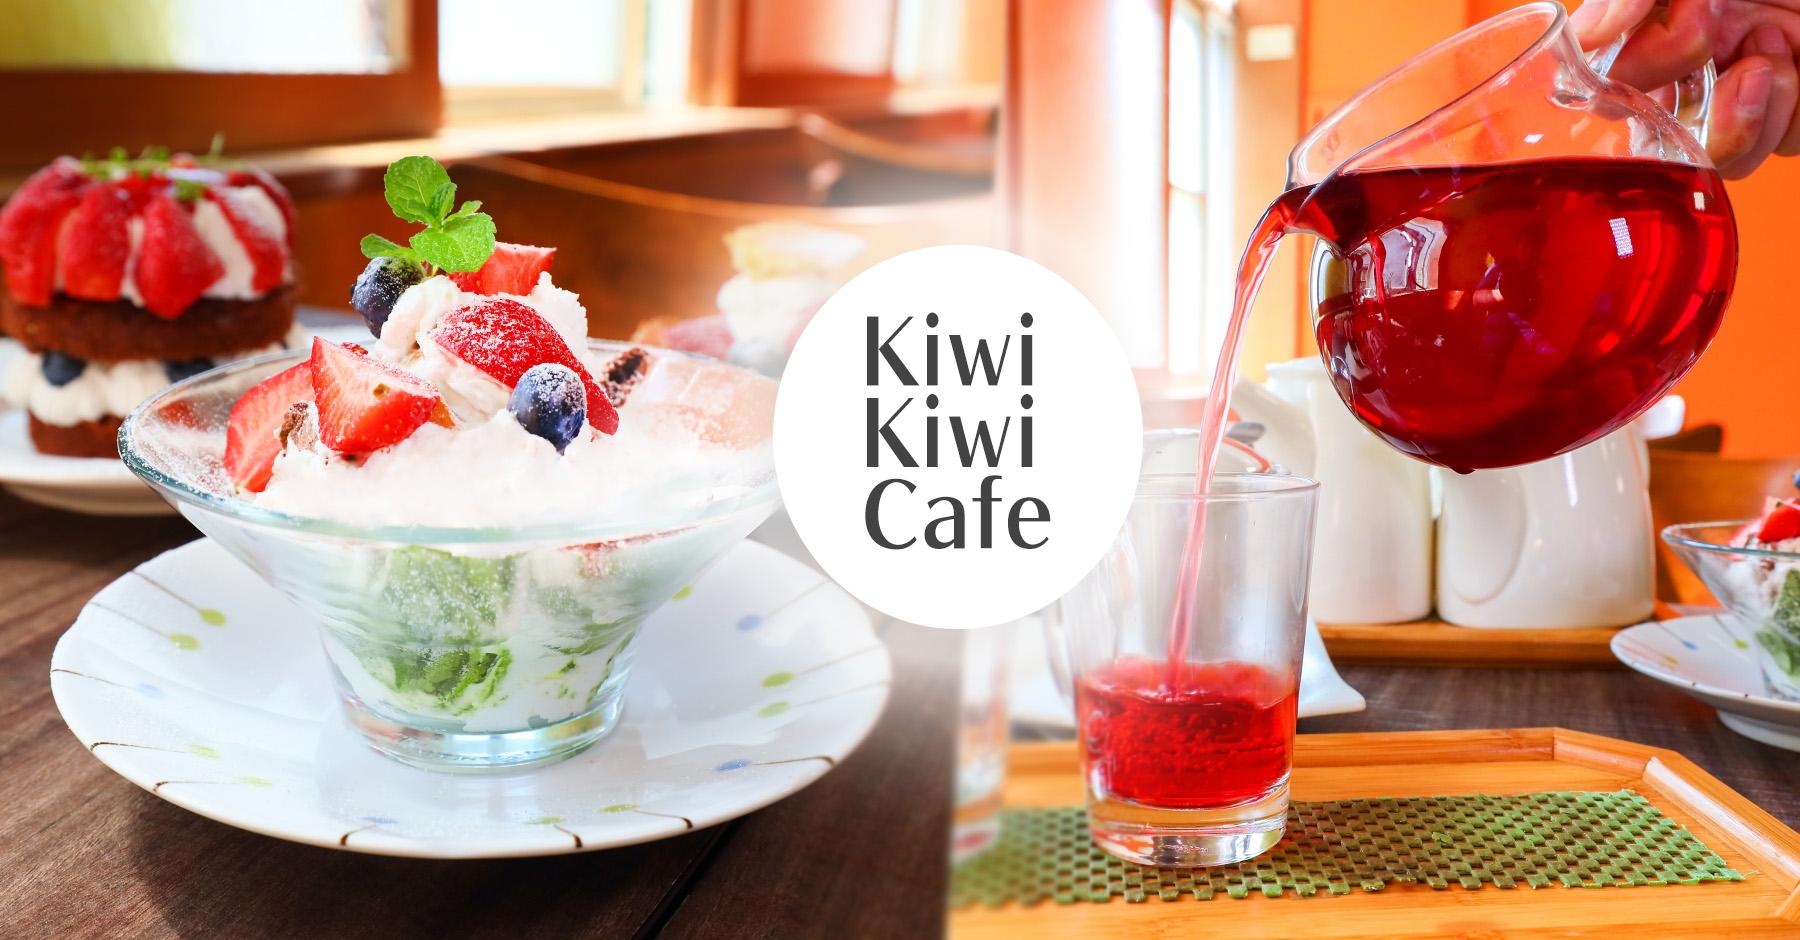 宜蘭甜點下午茶|羅東KiWi KiWi Café|品味義大利麵焗烤簡餐親子寵物餐廳菜單